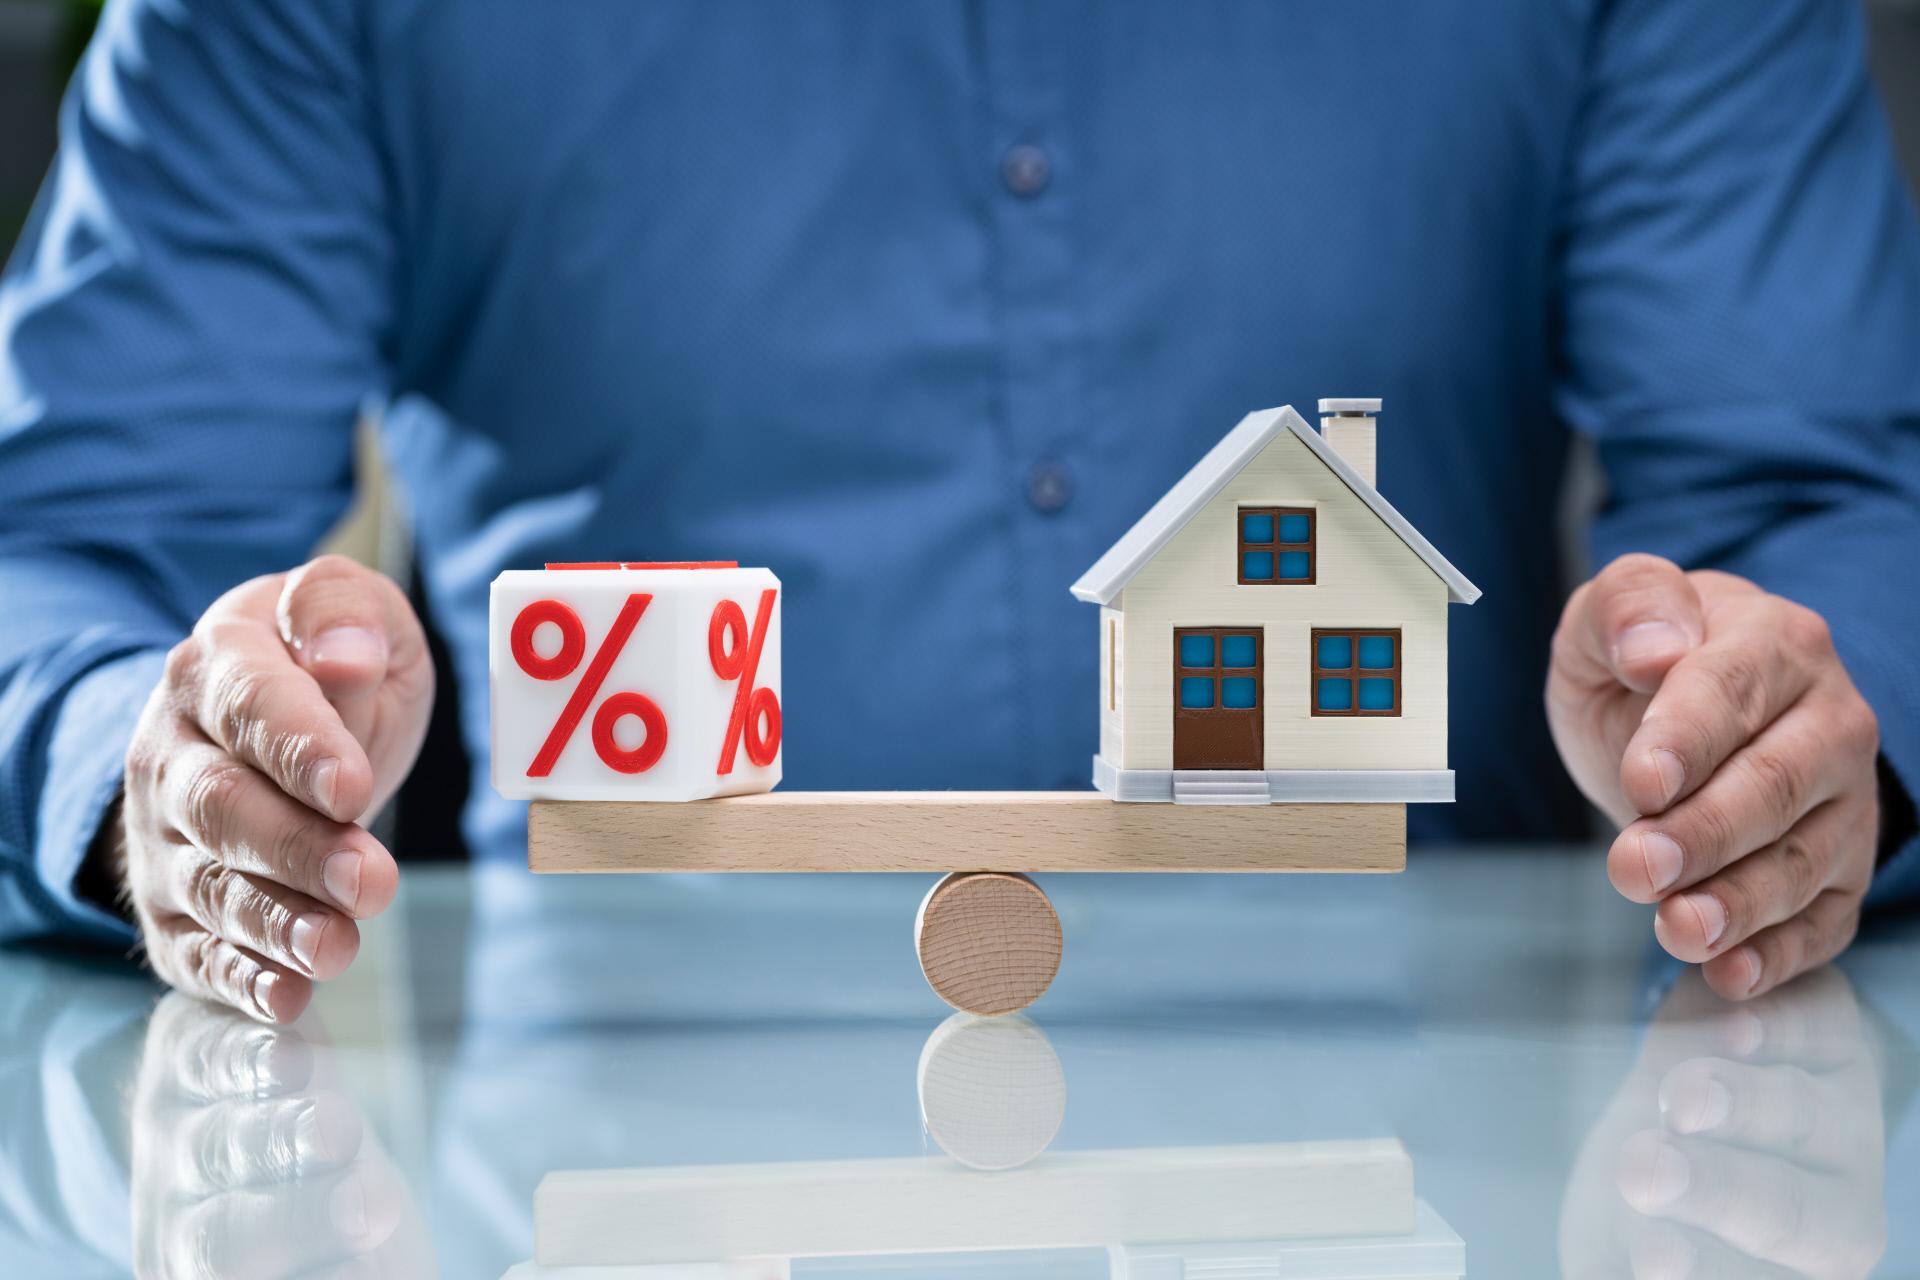 Bancos começam a dificultar a concessão de crédito habitação